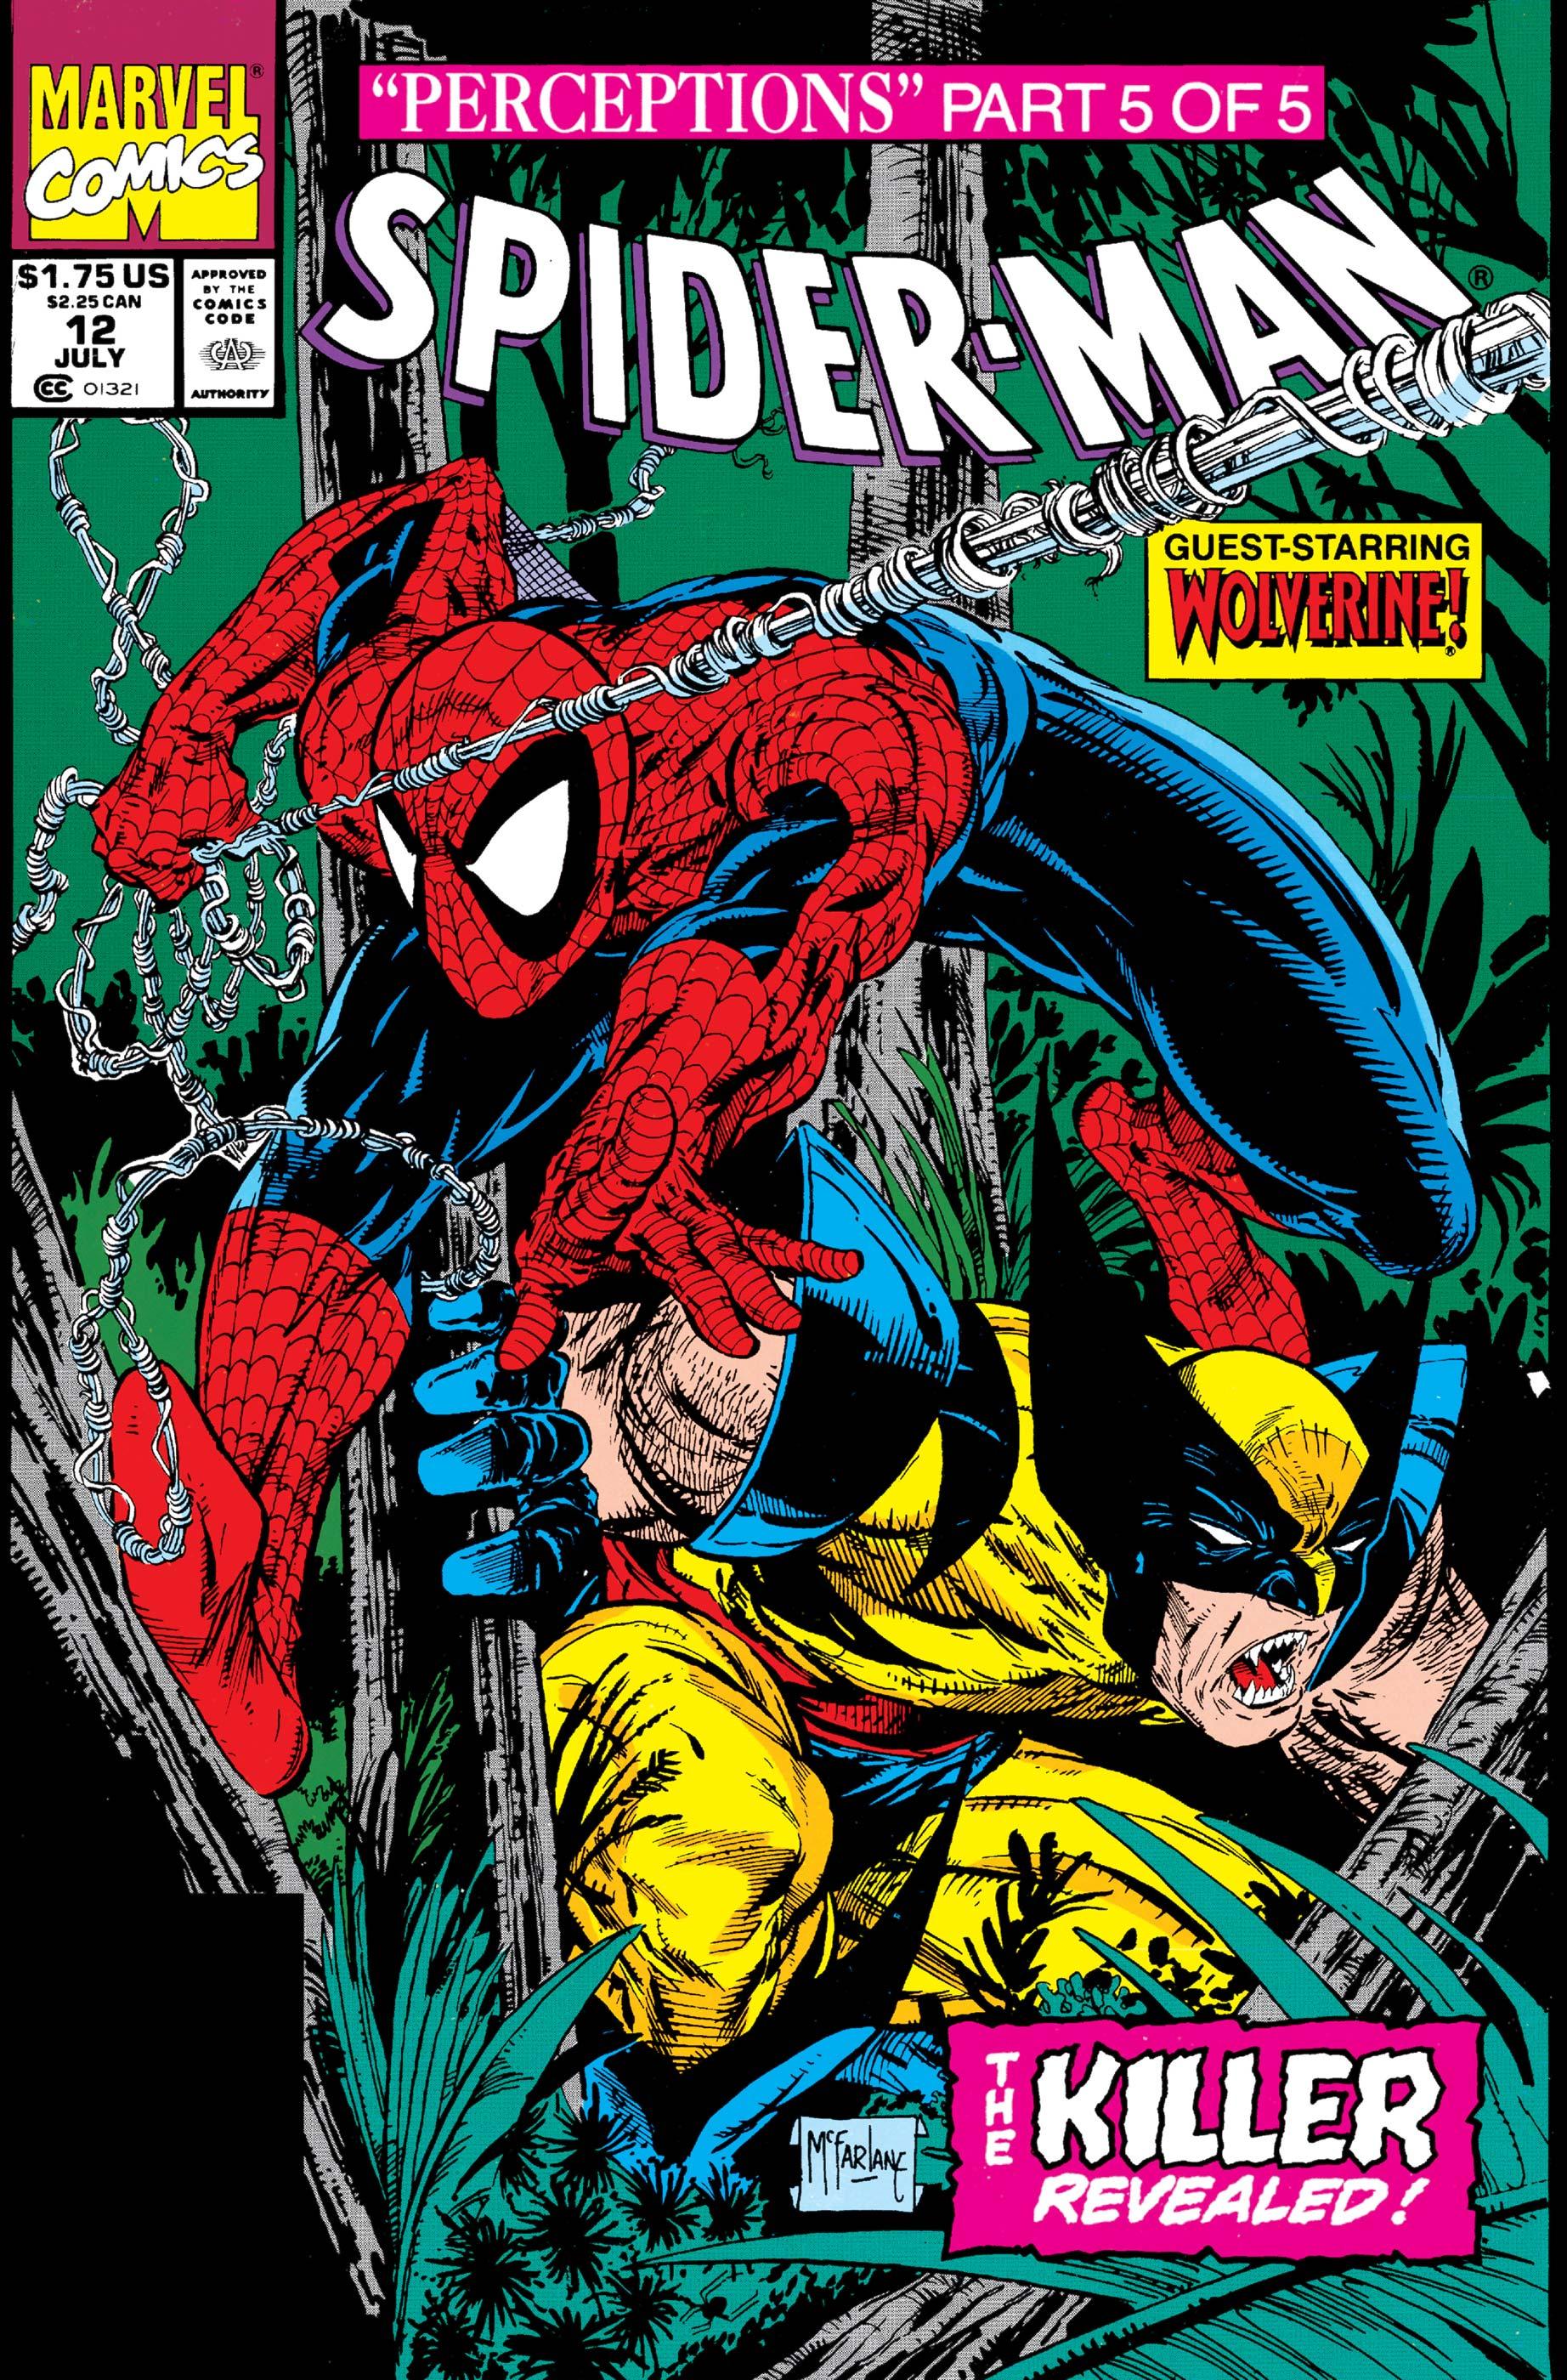 Spider-Man (1990) #12